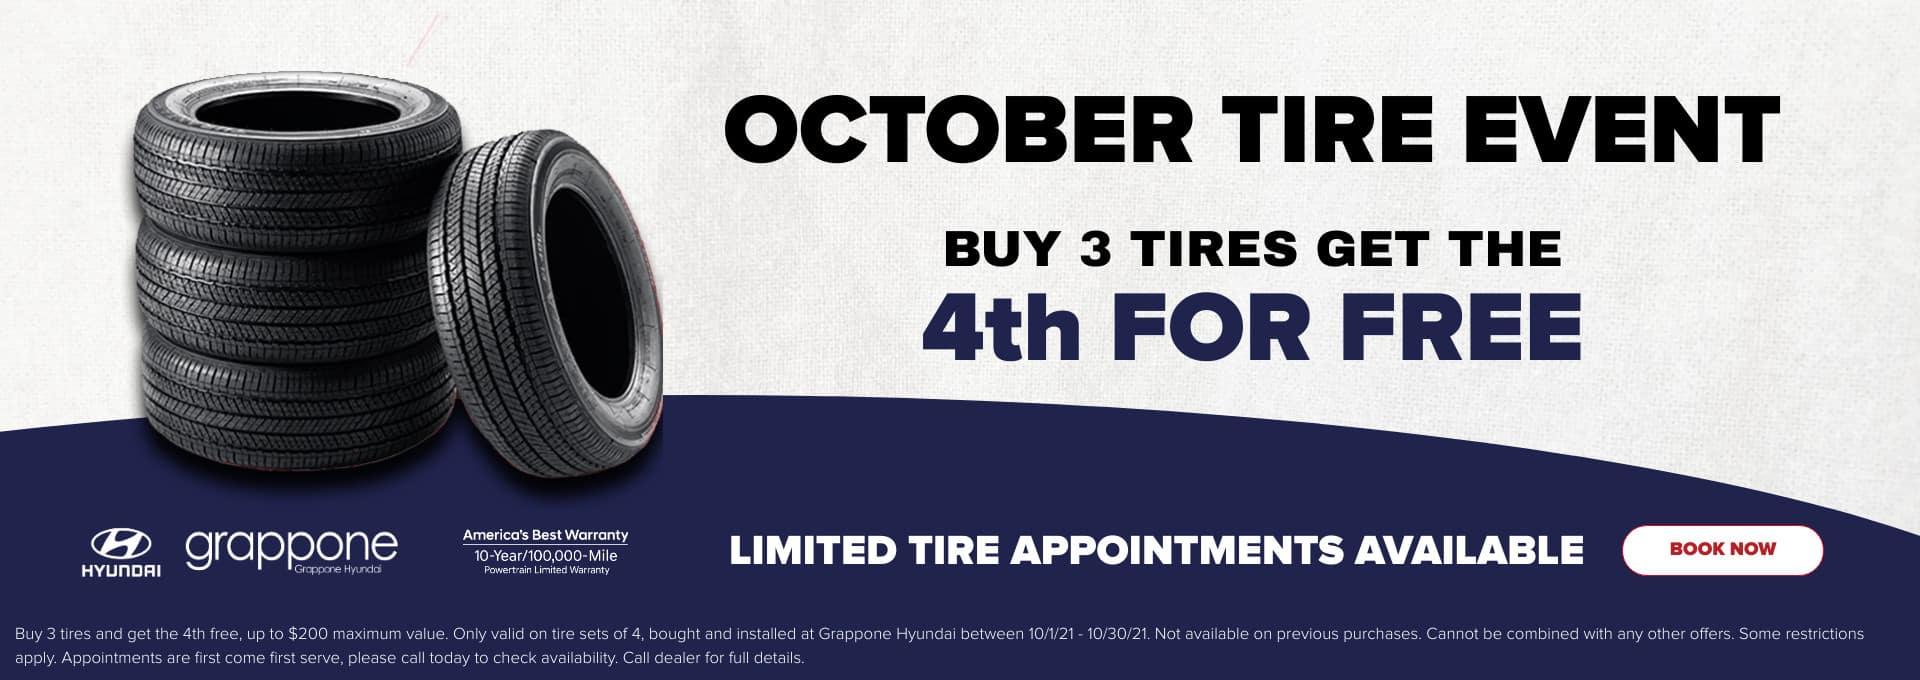 Q4 October Tire Sales Event – Hyundai-1920×680-px